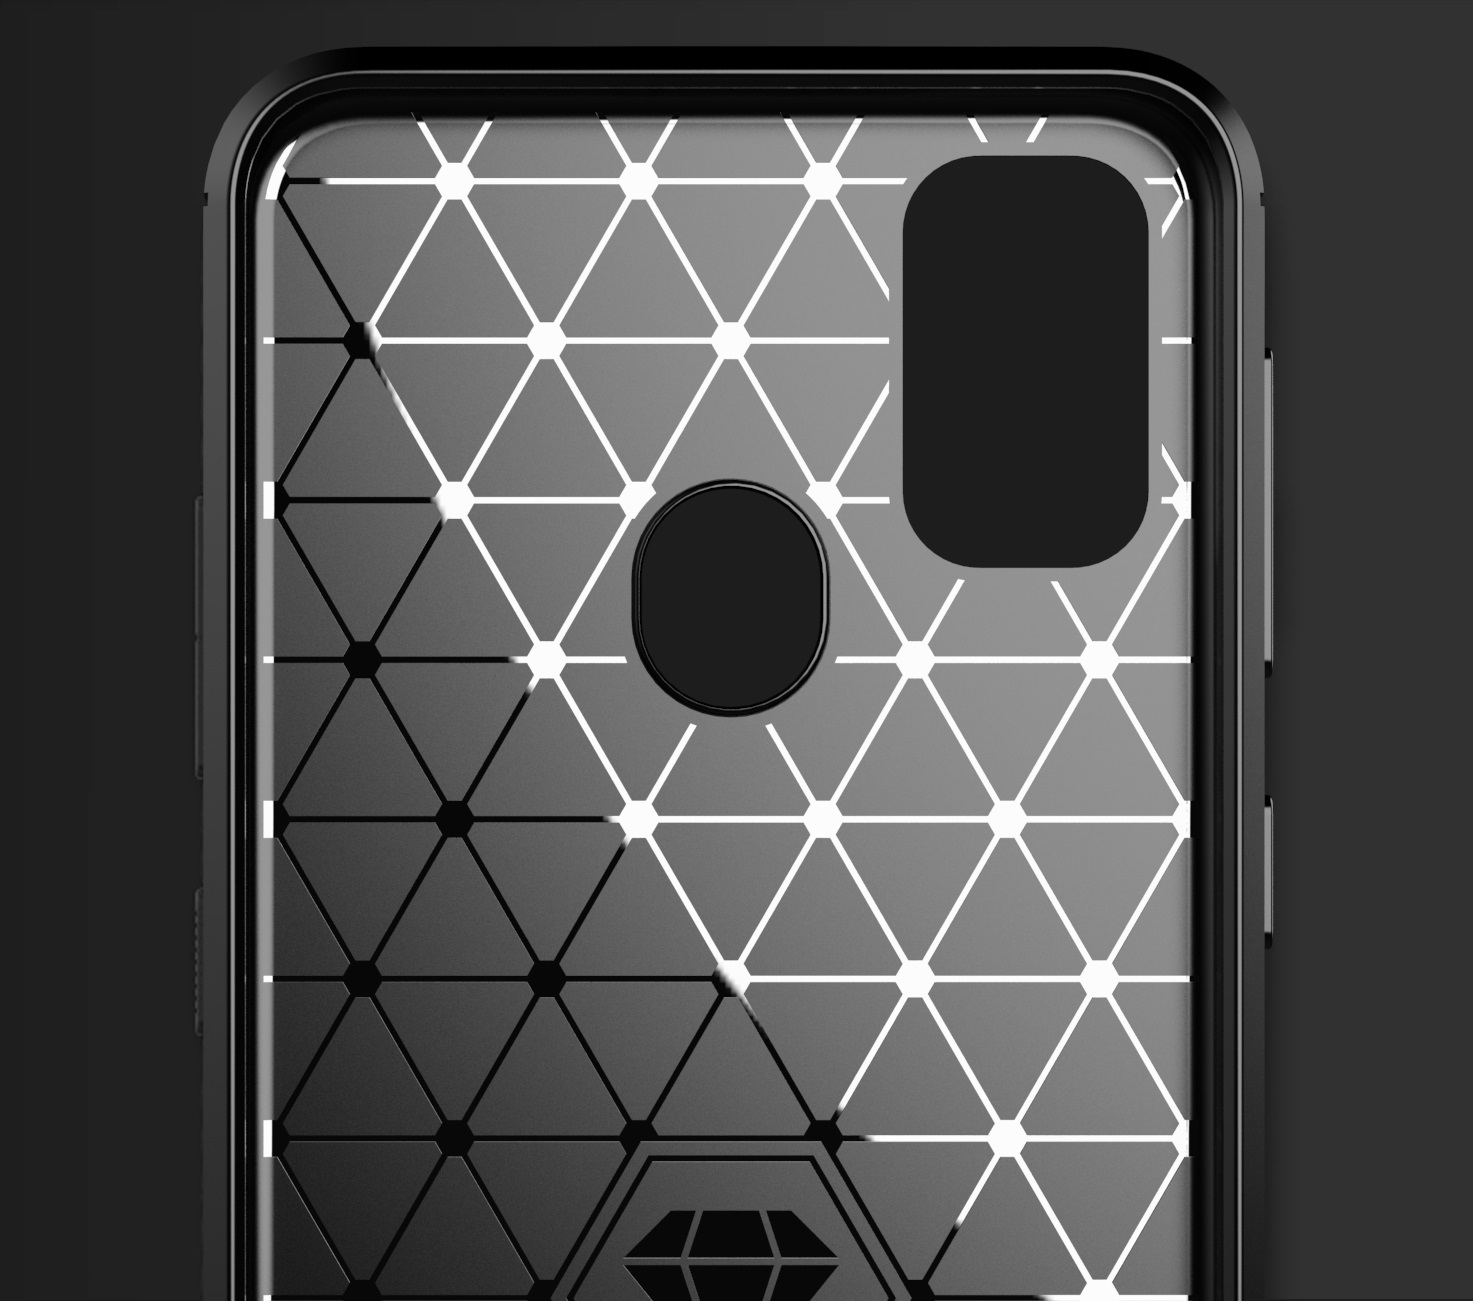 Чехол накладка для Samsung Galaxy M21, черный цвет, серии Carbon от Caseport